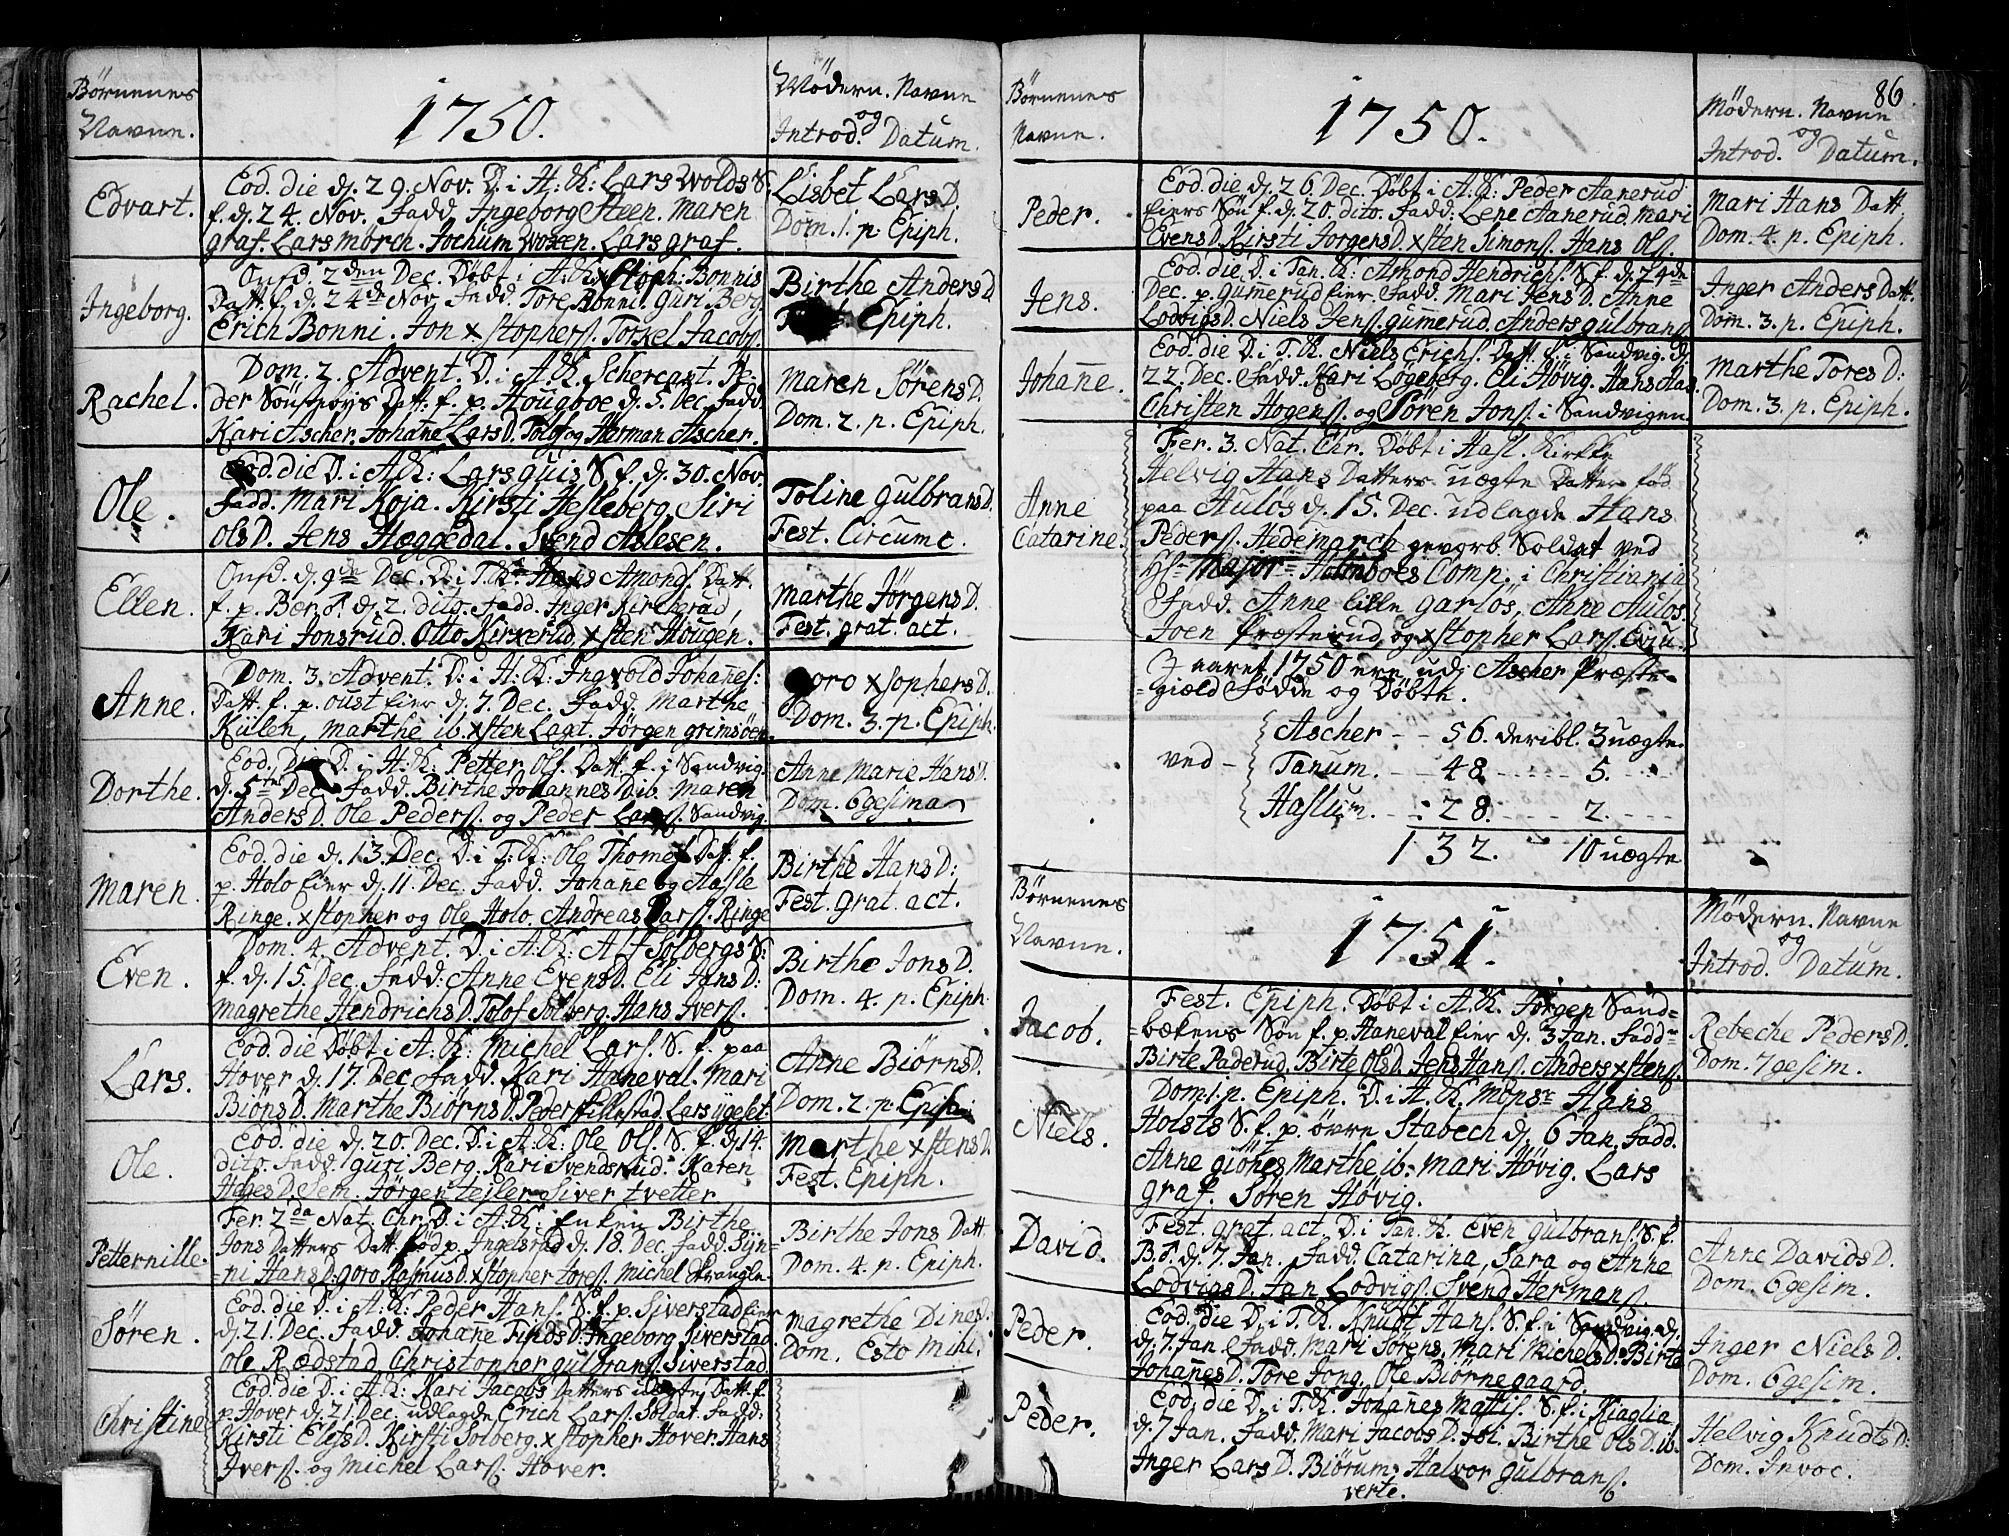 SAO, Asker prestekontor Kirkebøker, F/Fa/L0002: Ministerialbok nr. I 2, 1733-1766, s. 86